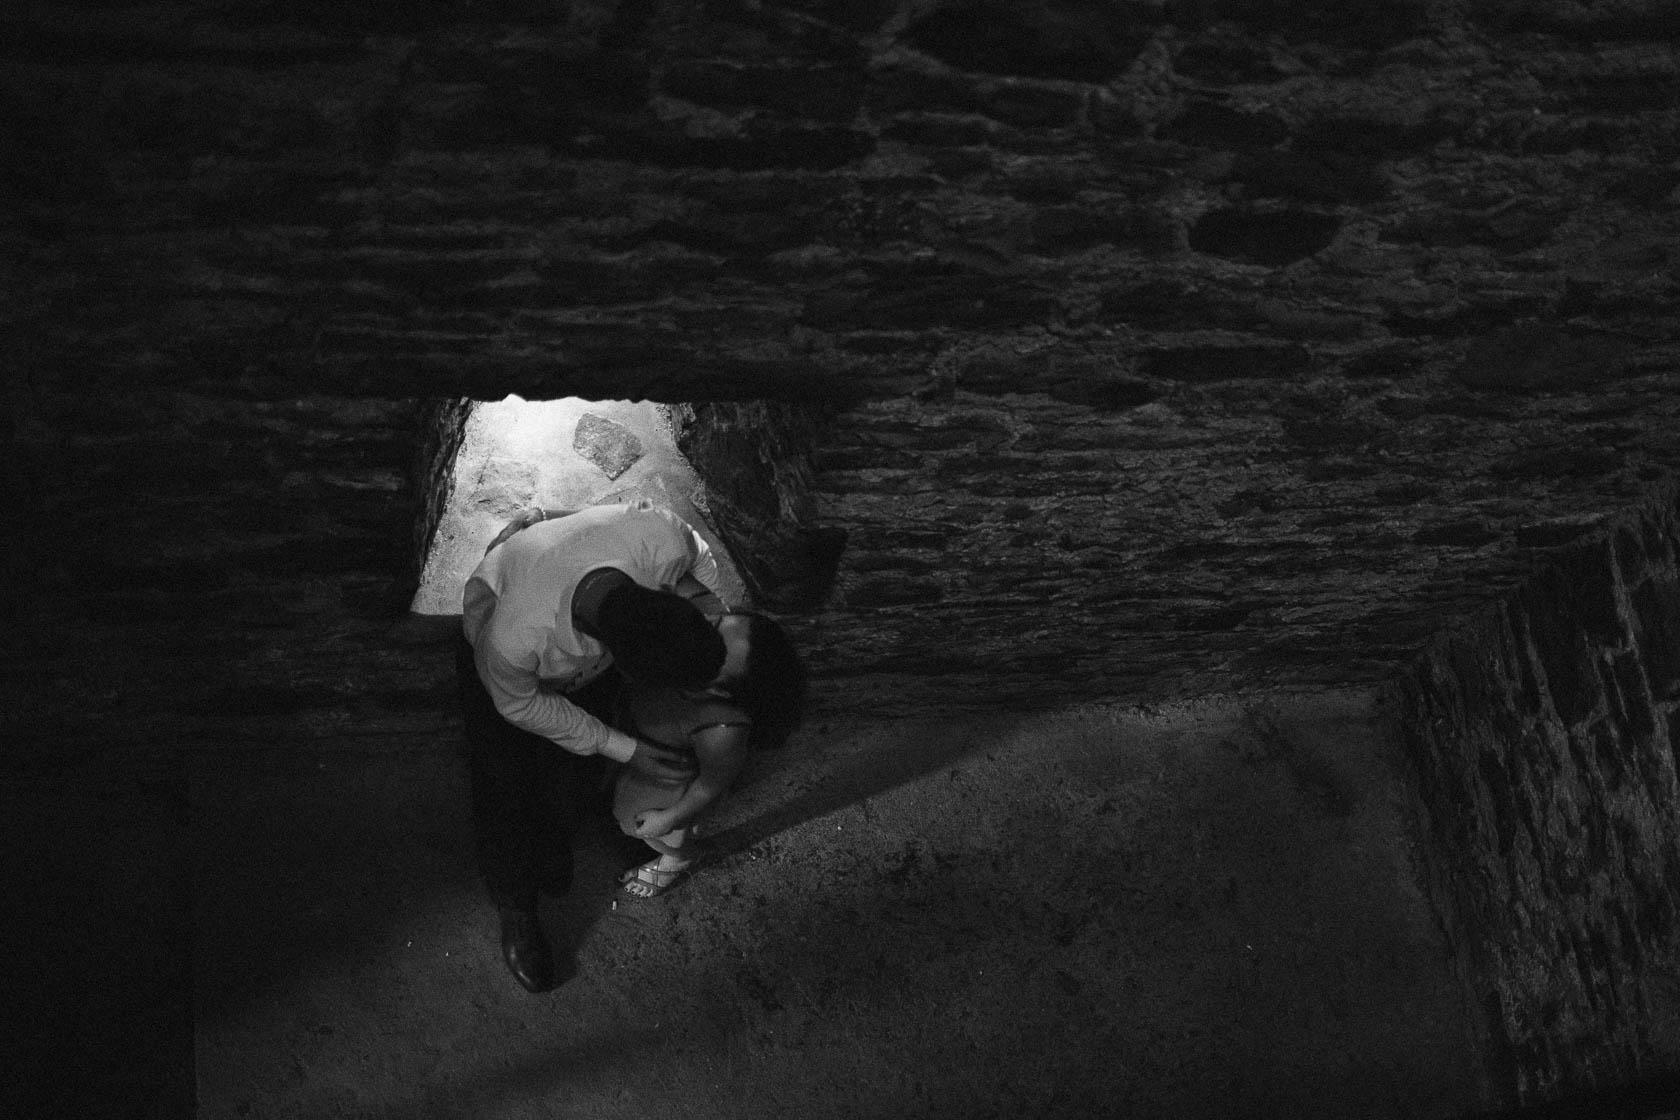 Engagement Fotoshooting von Laura und Viktor in Karlsbad in der Barbara Kapelle küssend von oben